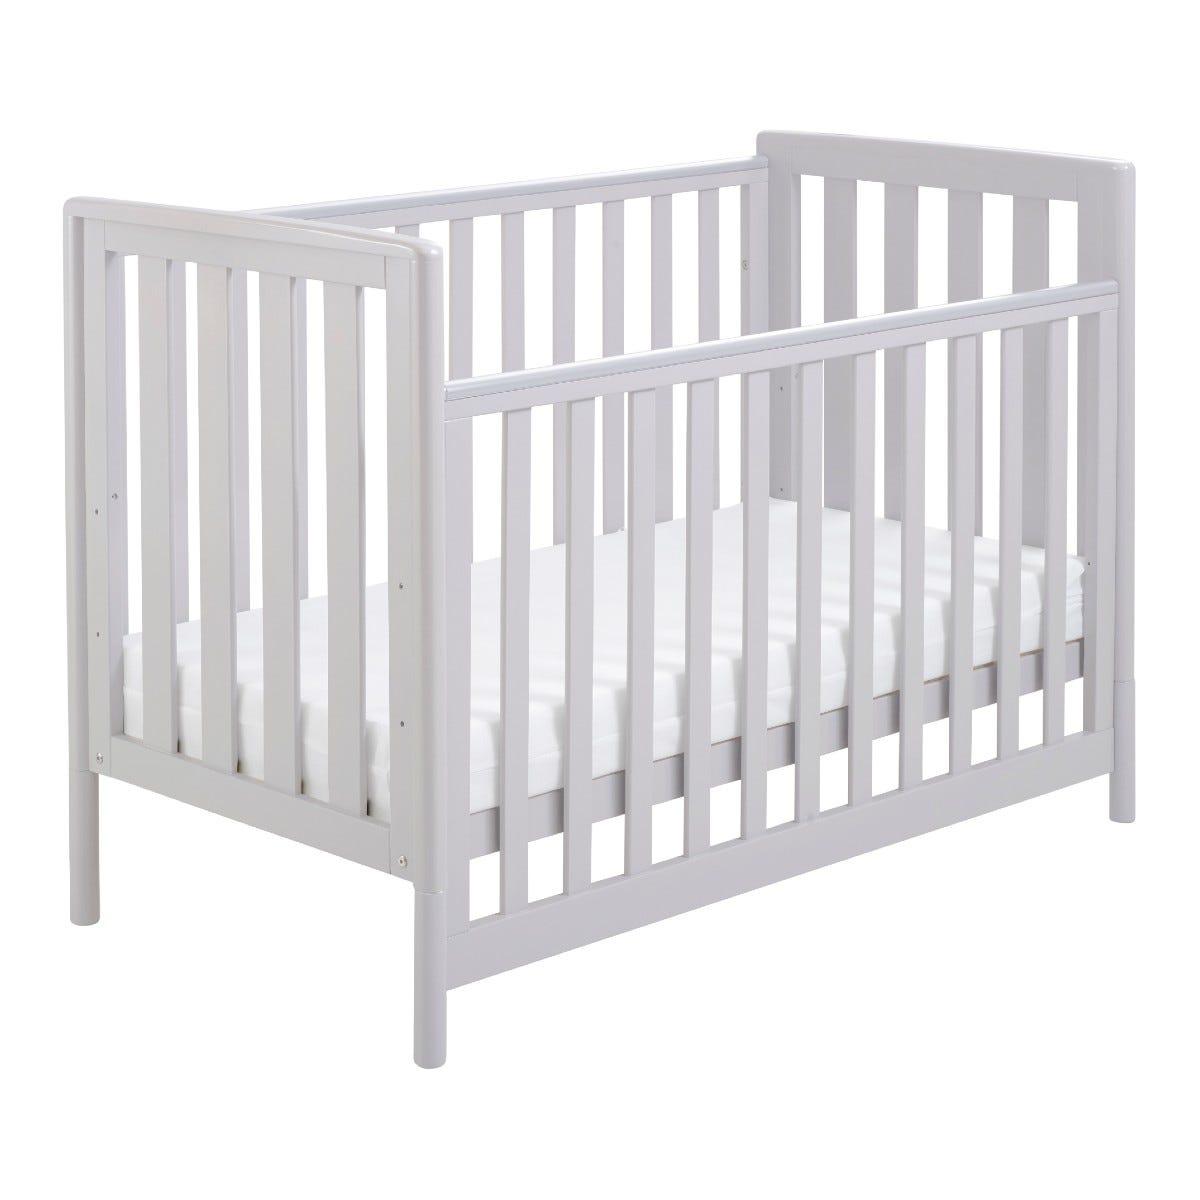 Babymore Ellie Dropside Cot Bed - Grey